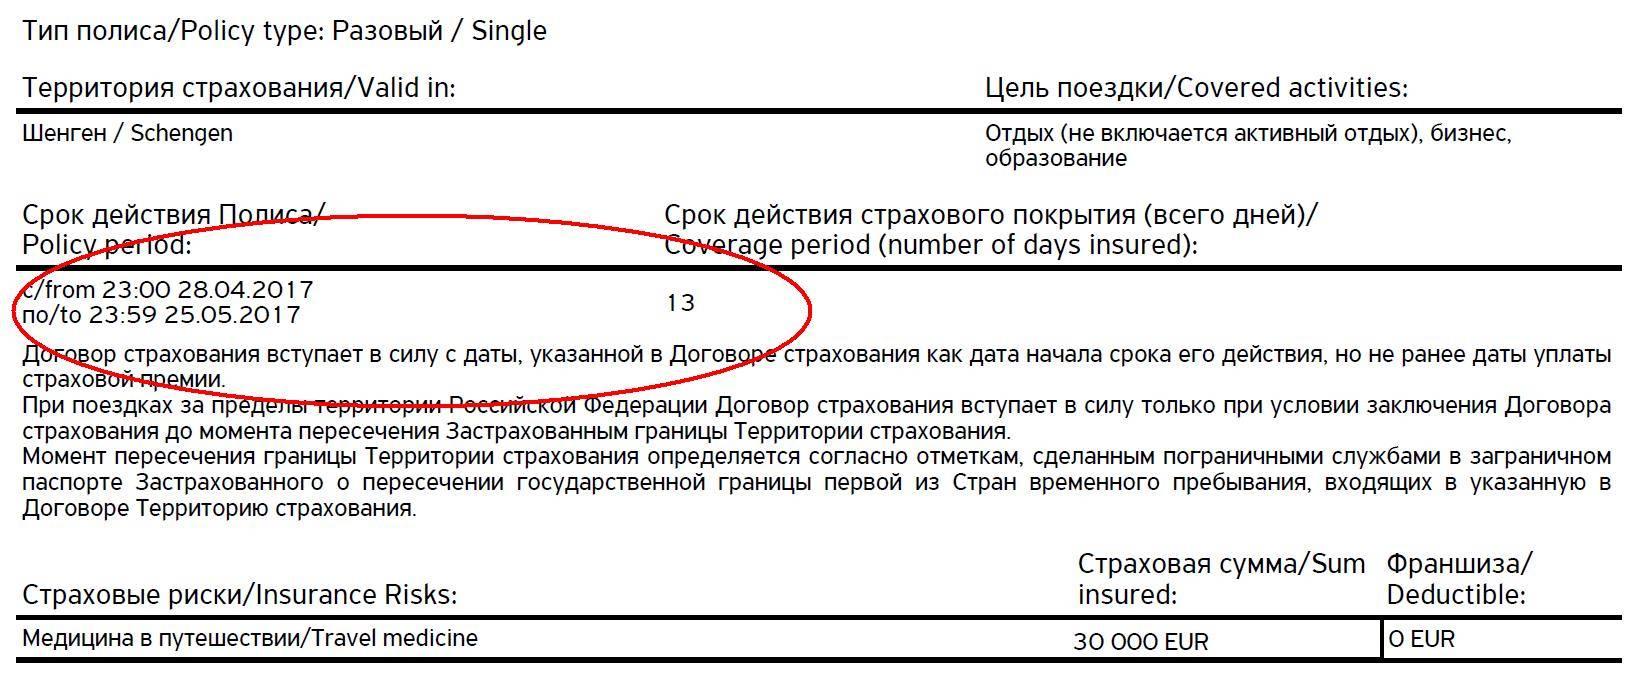 Обязательно ли наличие загранпаспорта для поездки в абхазию